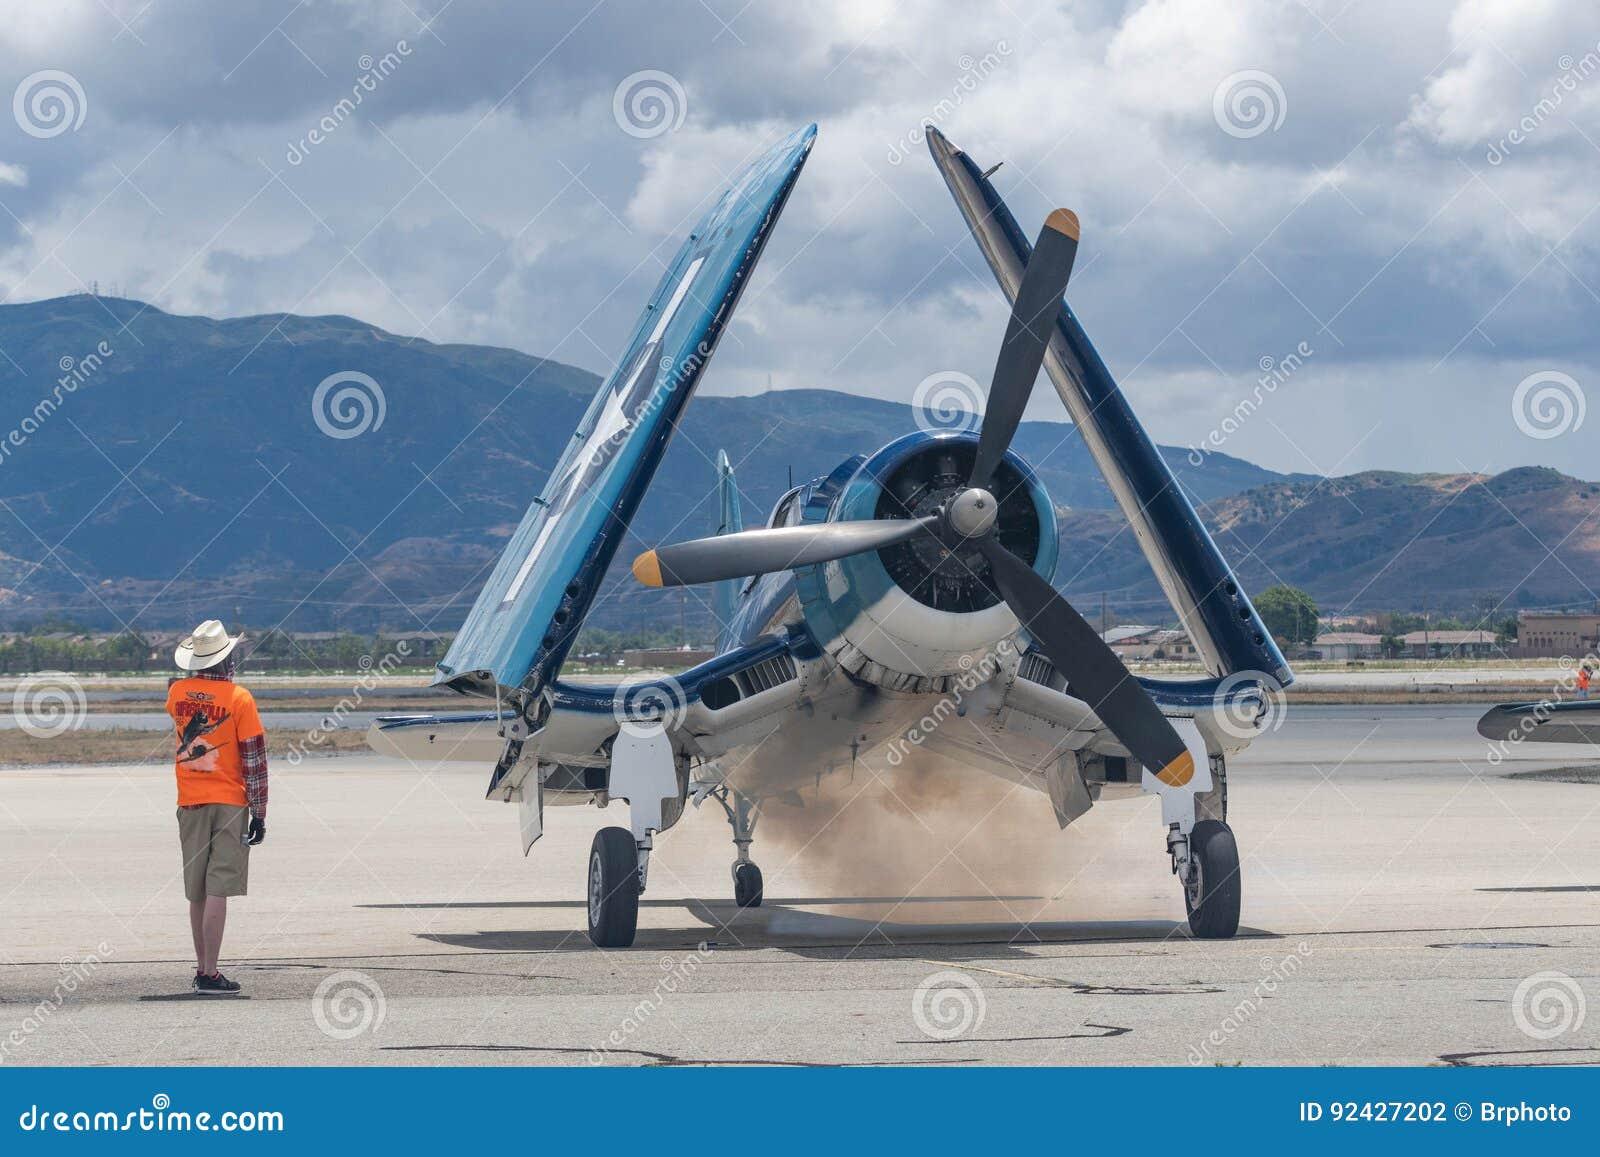 Airplane dropping smoke, during start on display